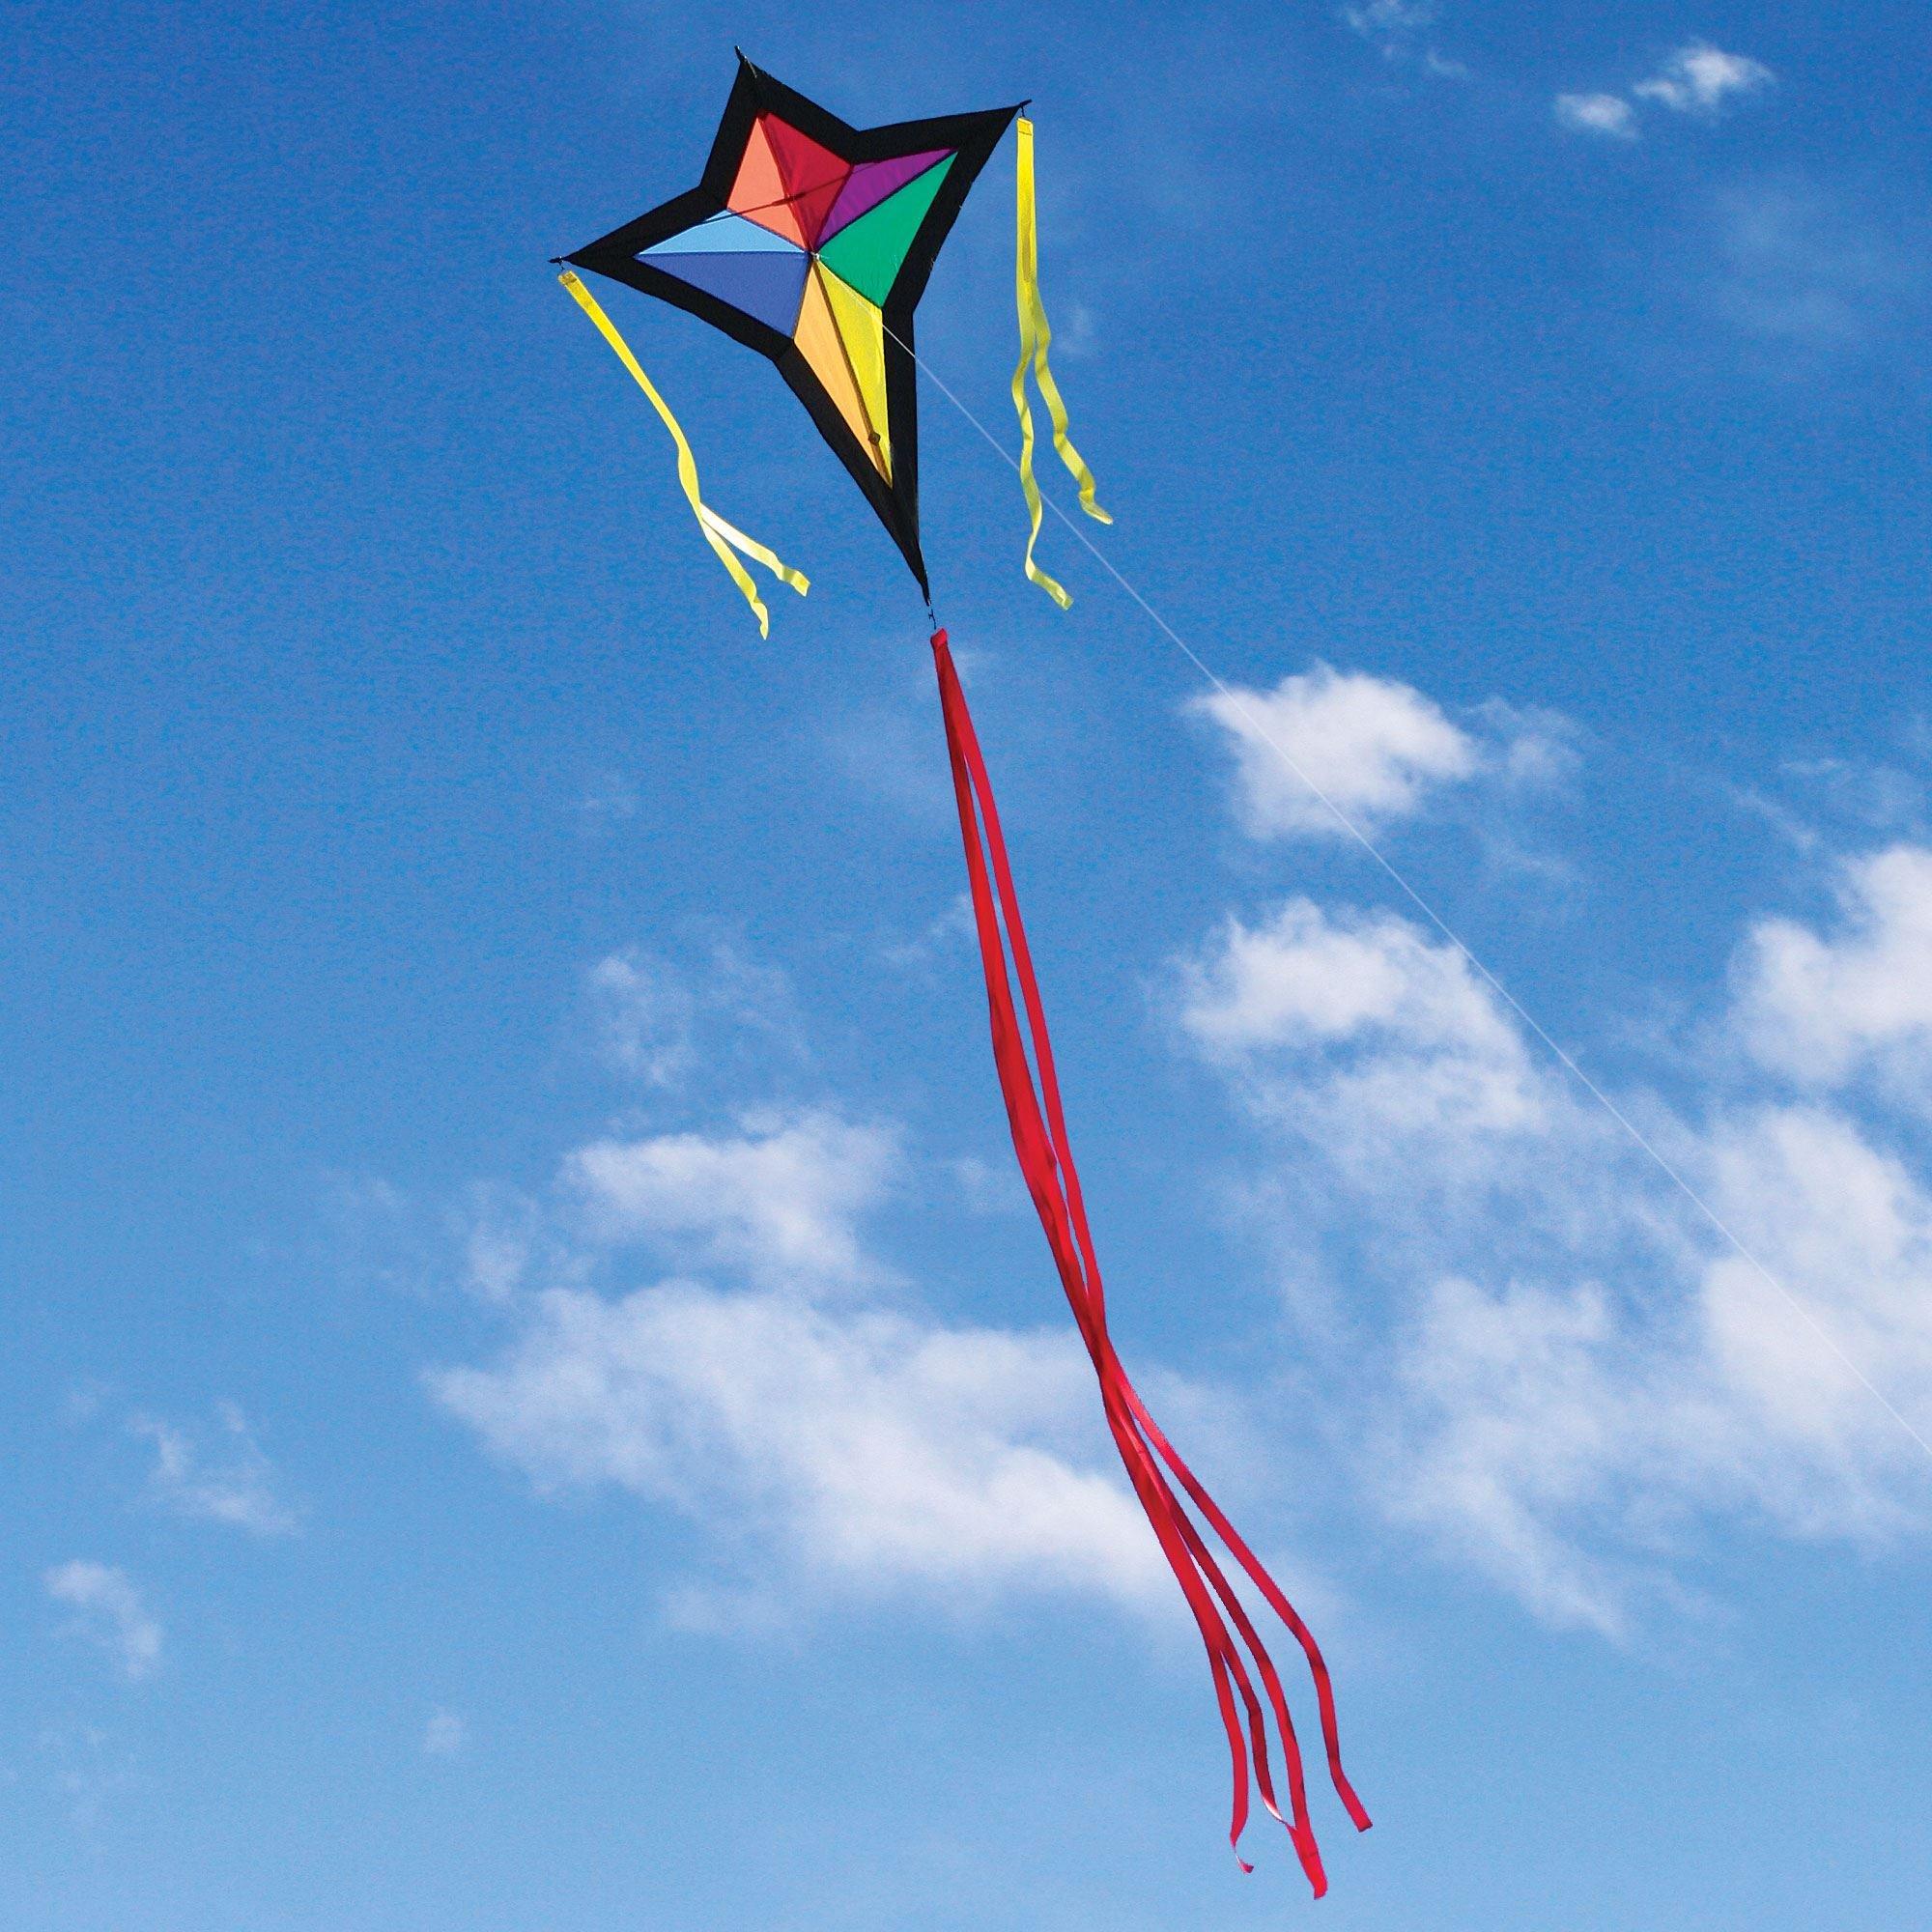 Into The Wind Cross Diamond Kite